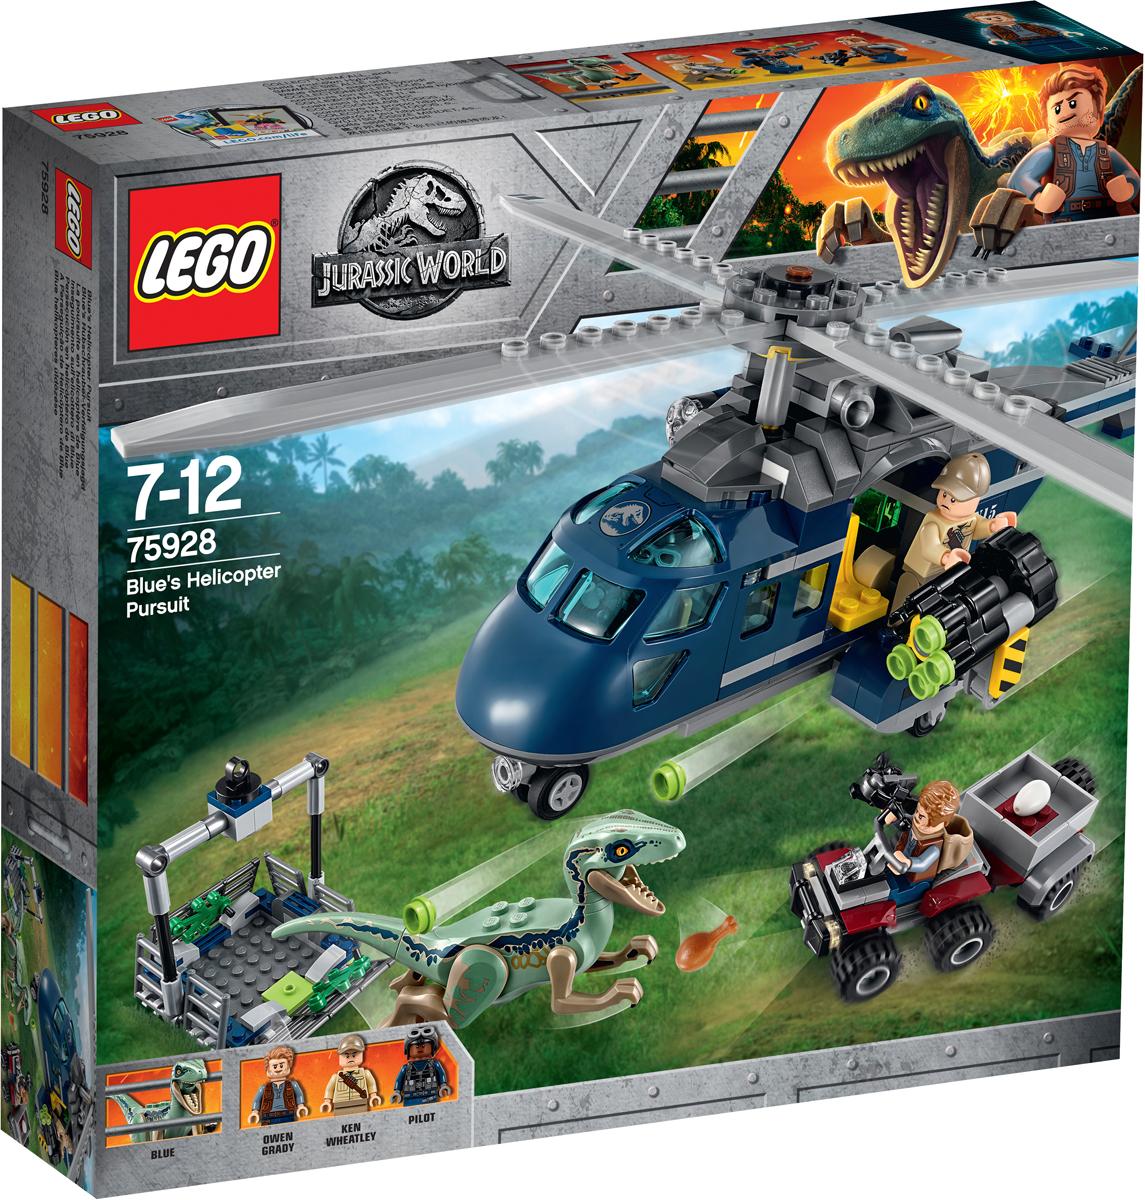 LEGO Jurassic World 75928 Погоня за Блю на вертолете Конструктор